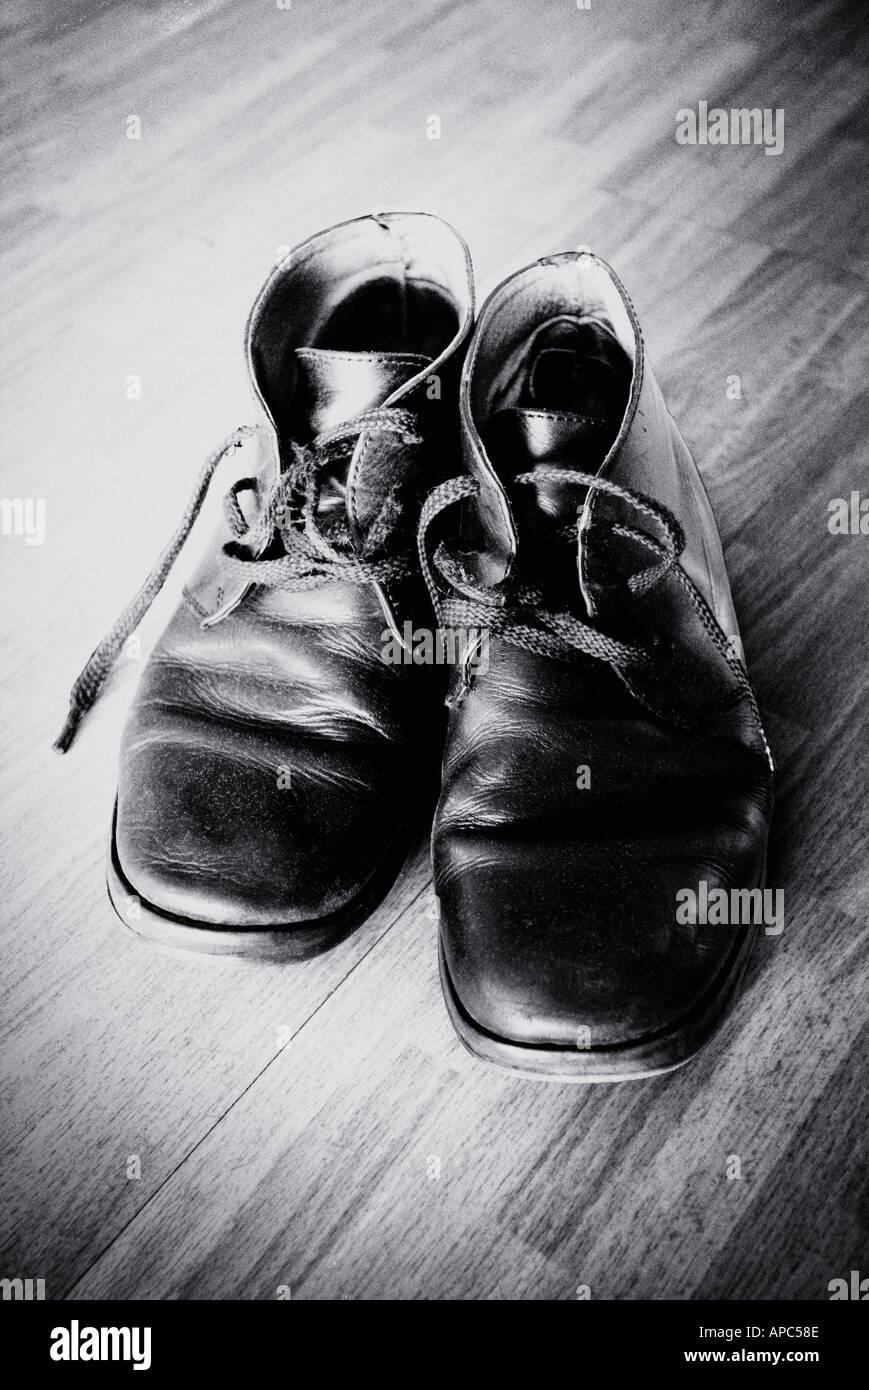 vieilles bottes b w Photo Stock